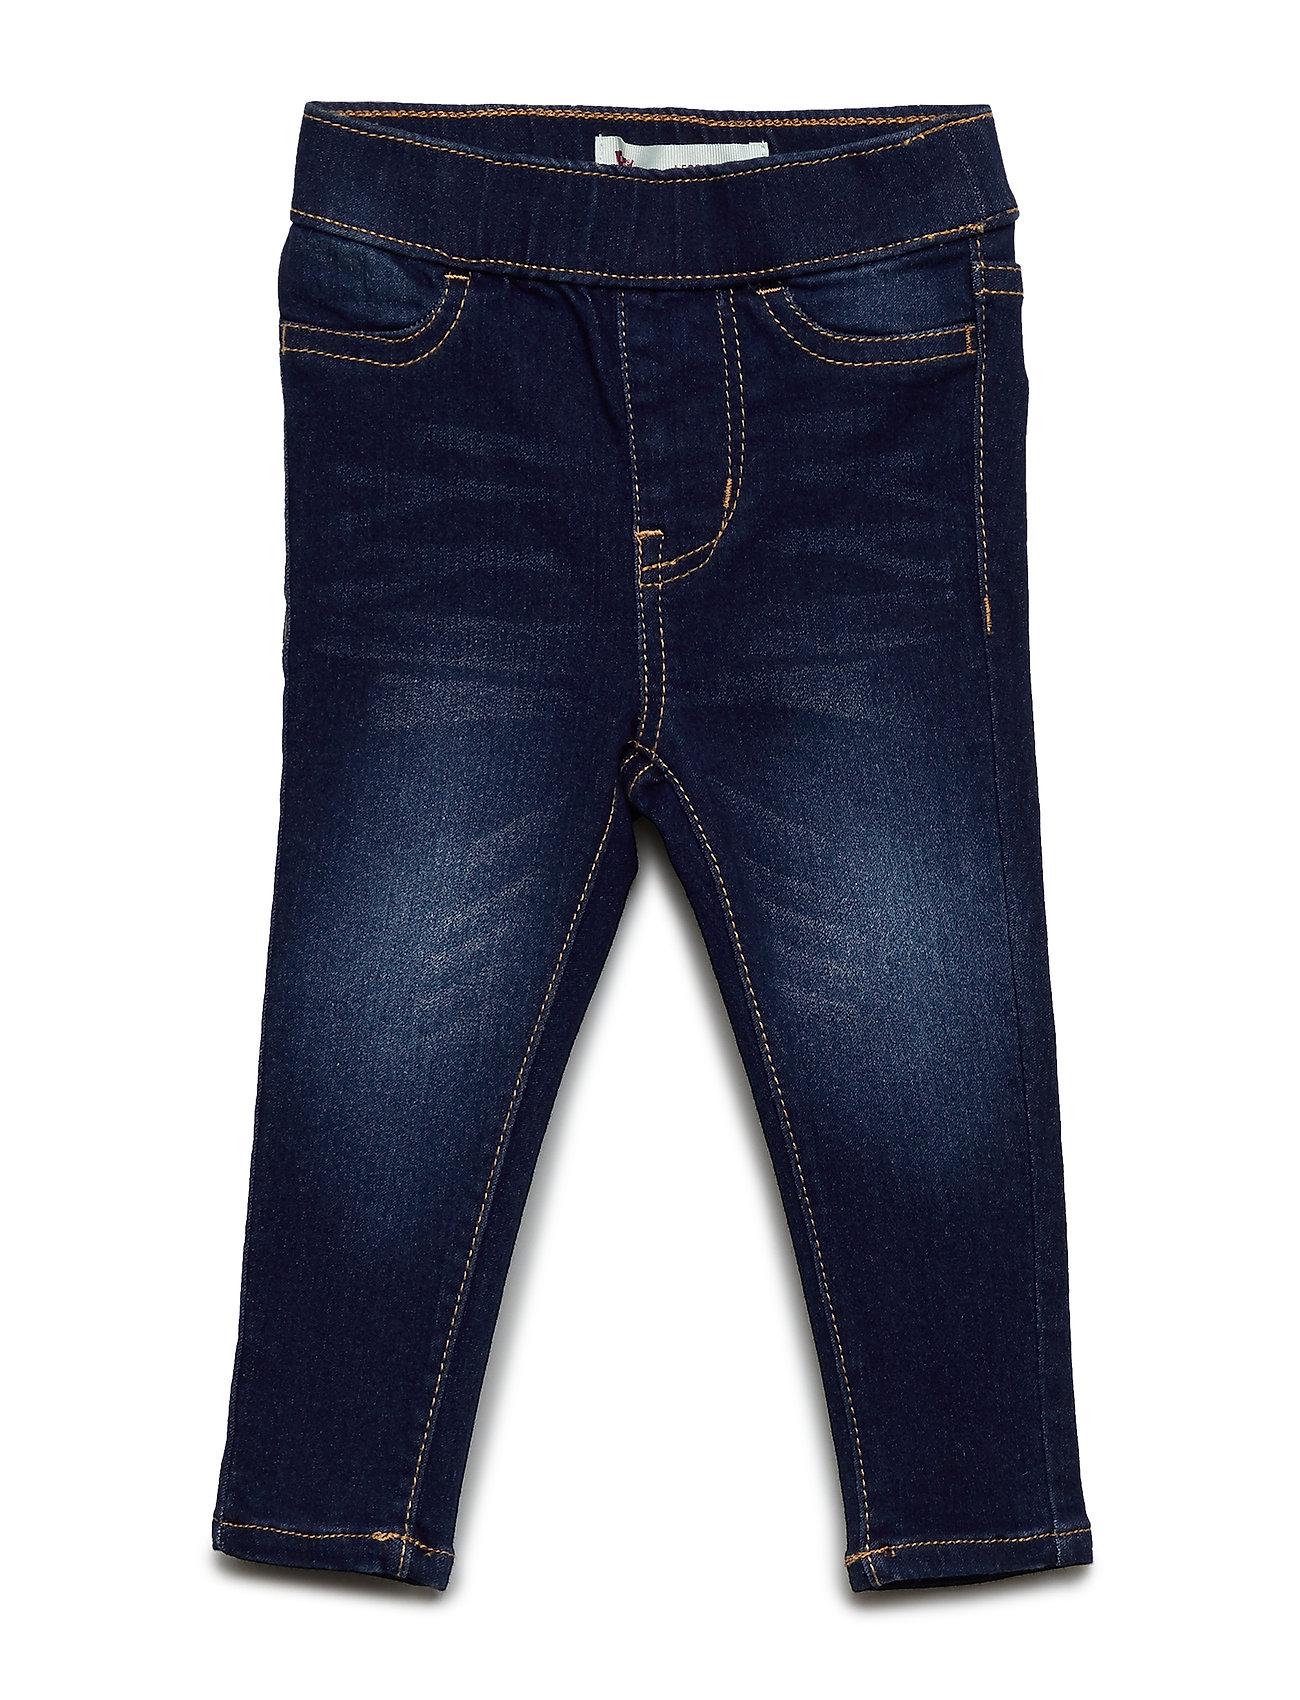 Image of Pull-On Legging Jeans Blå Levi's (3427782329)